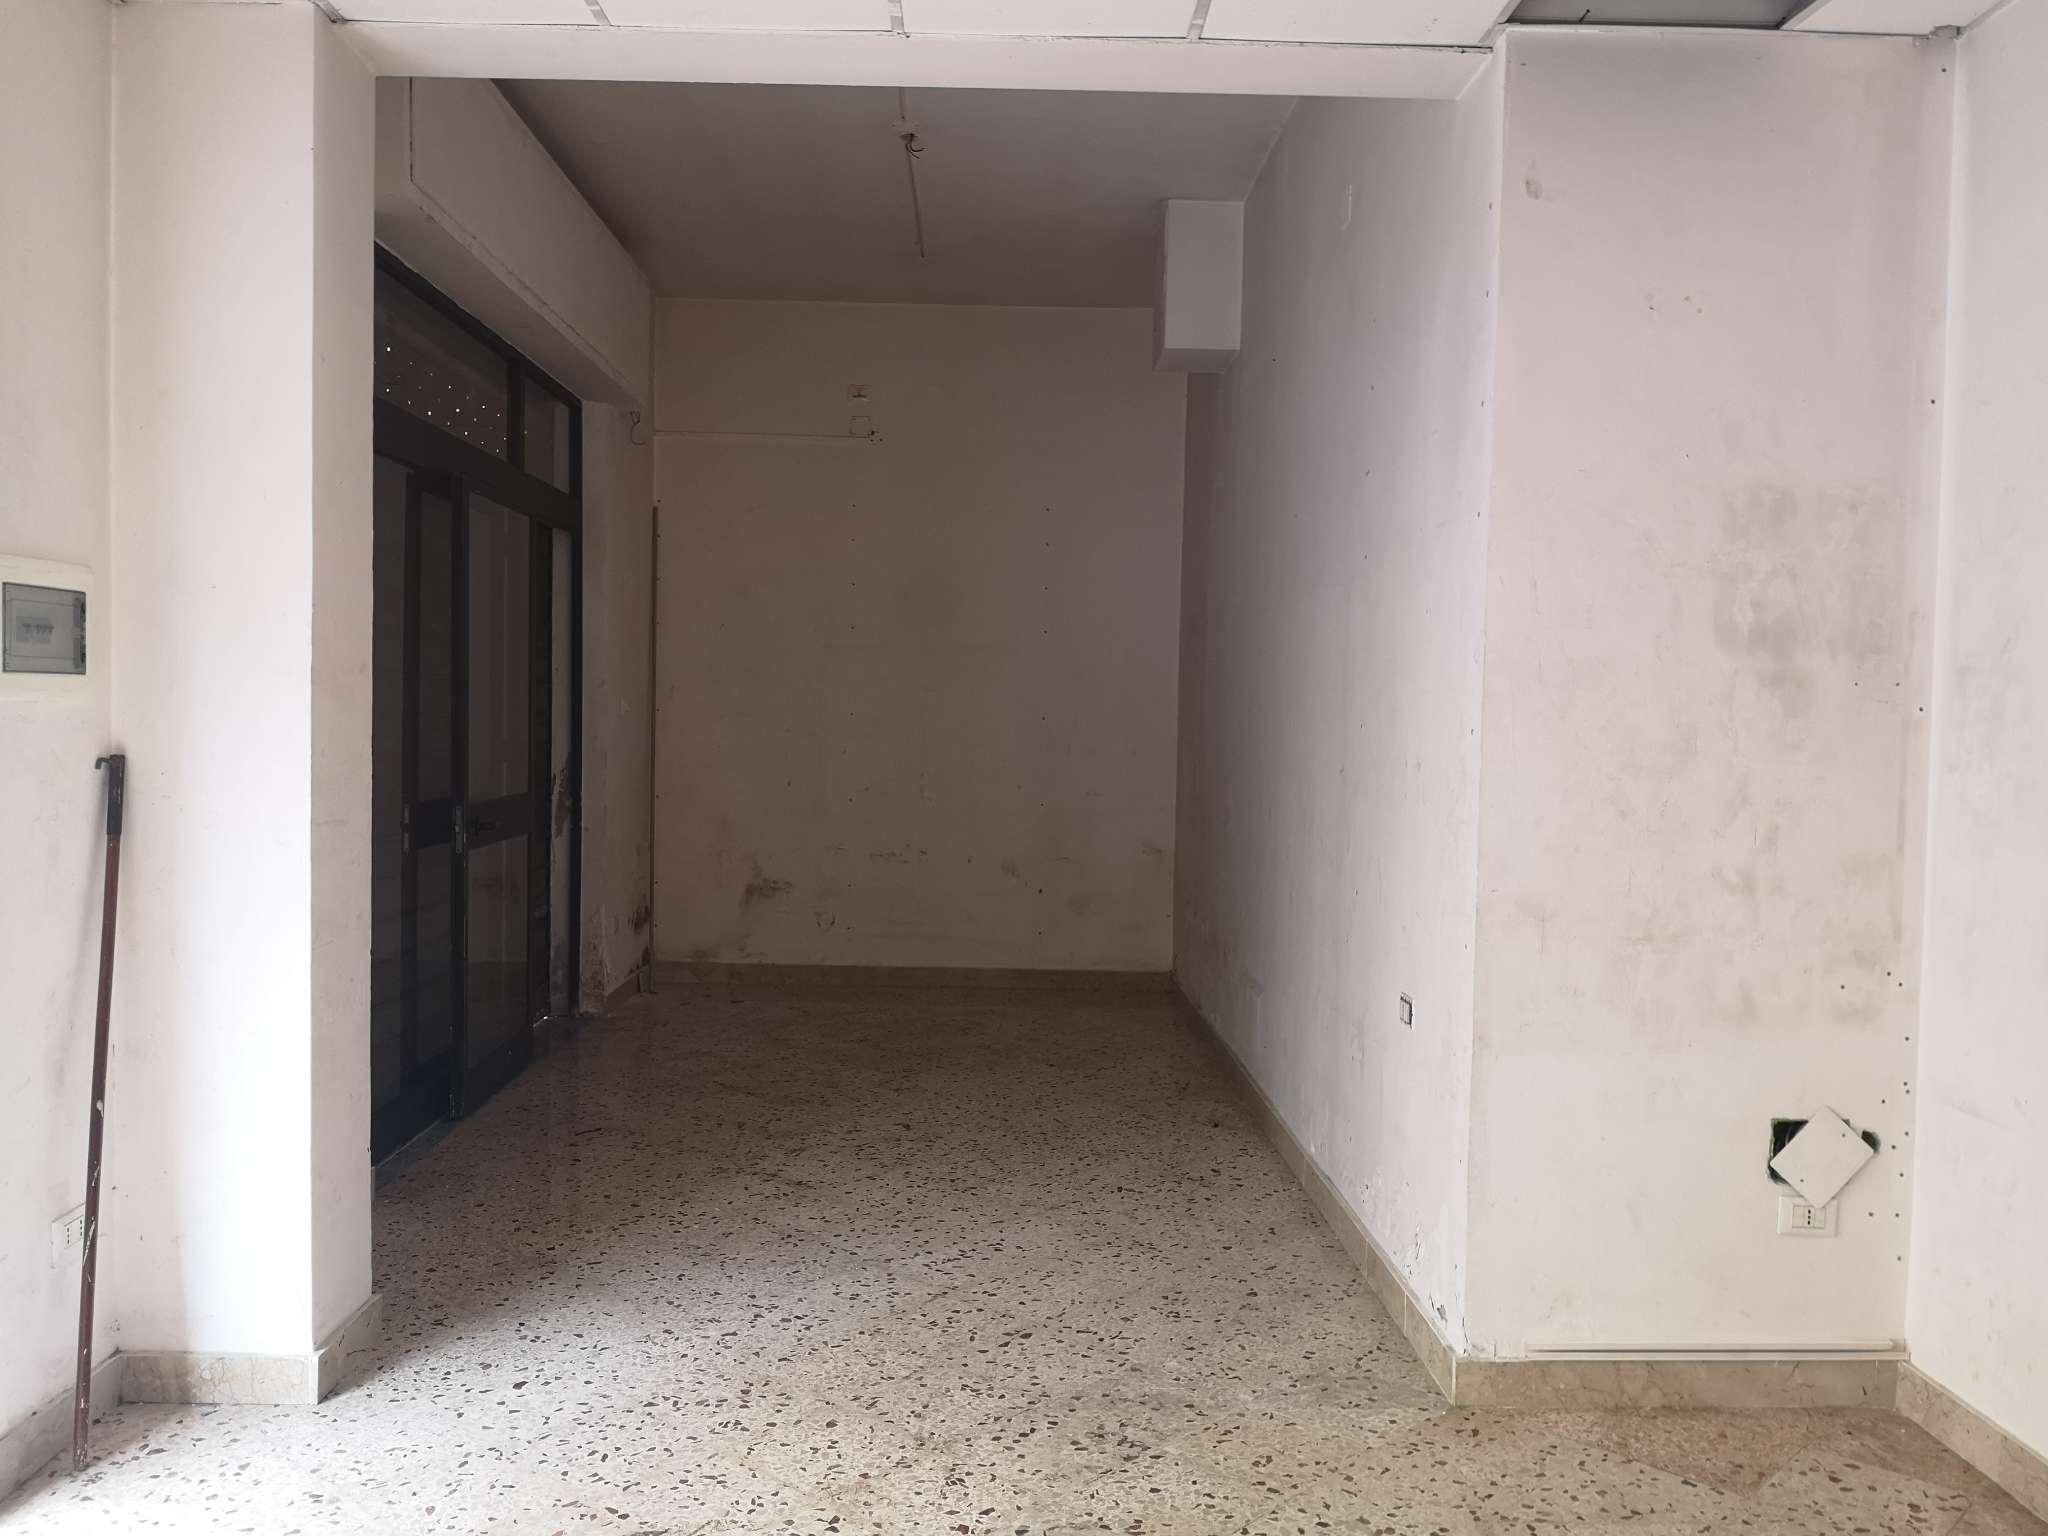 Negozio-locale in Affitto a Palermo:  2 locali, 33 mq  - Foto 1